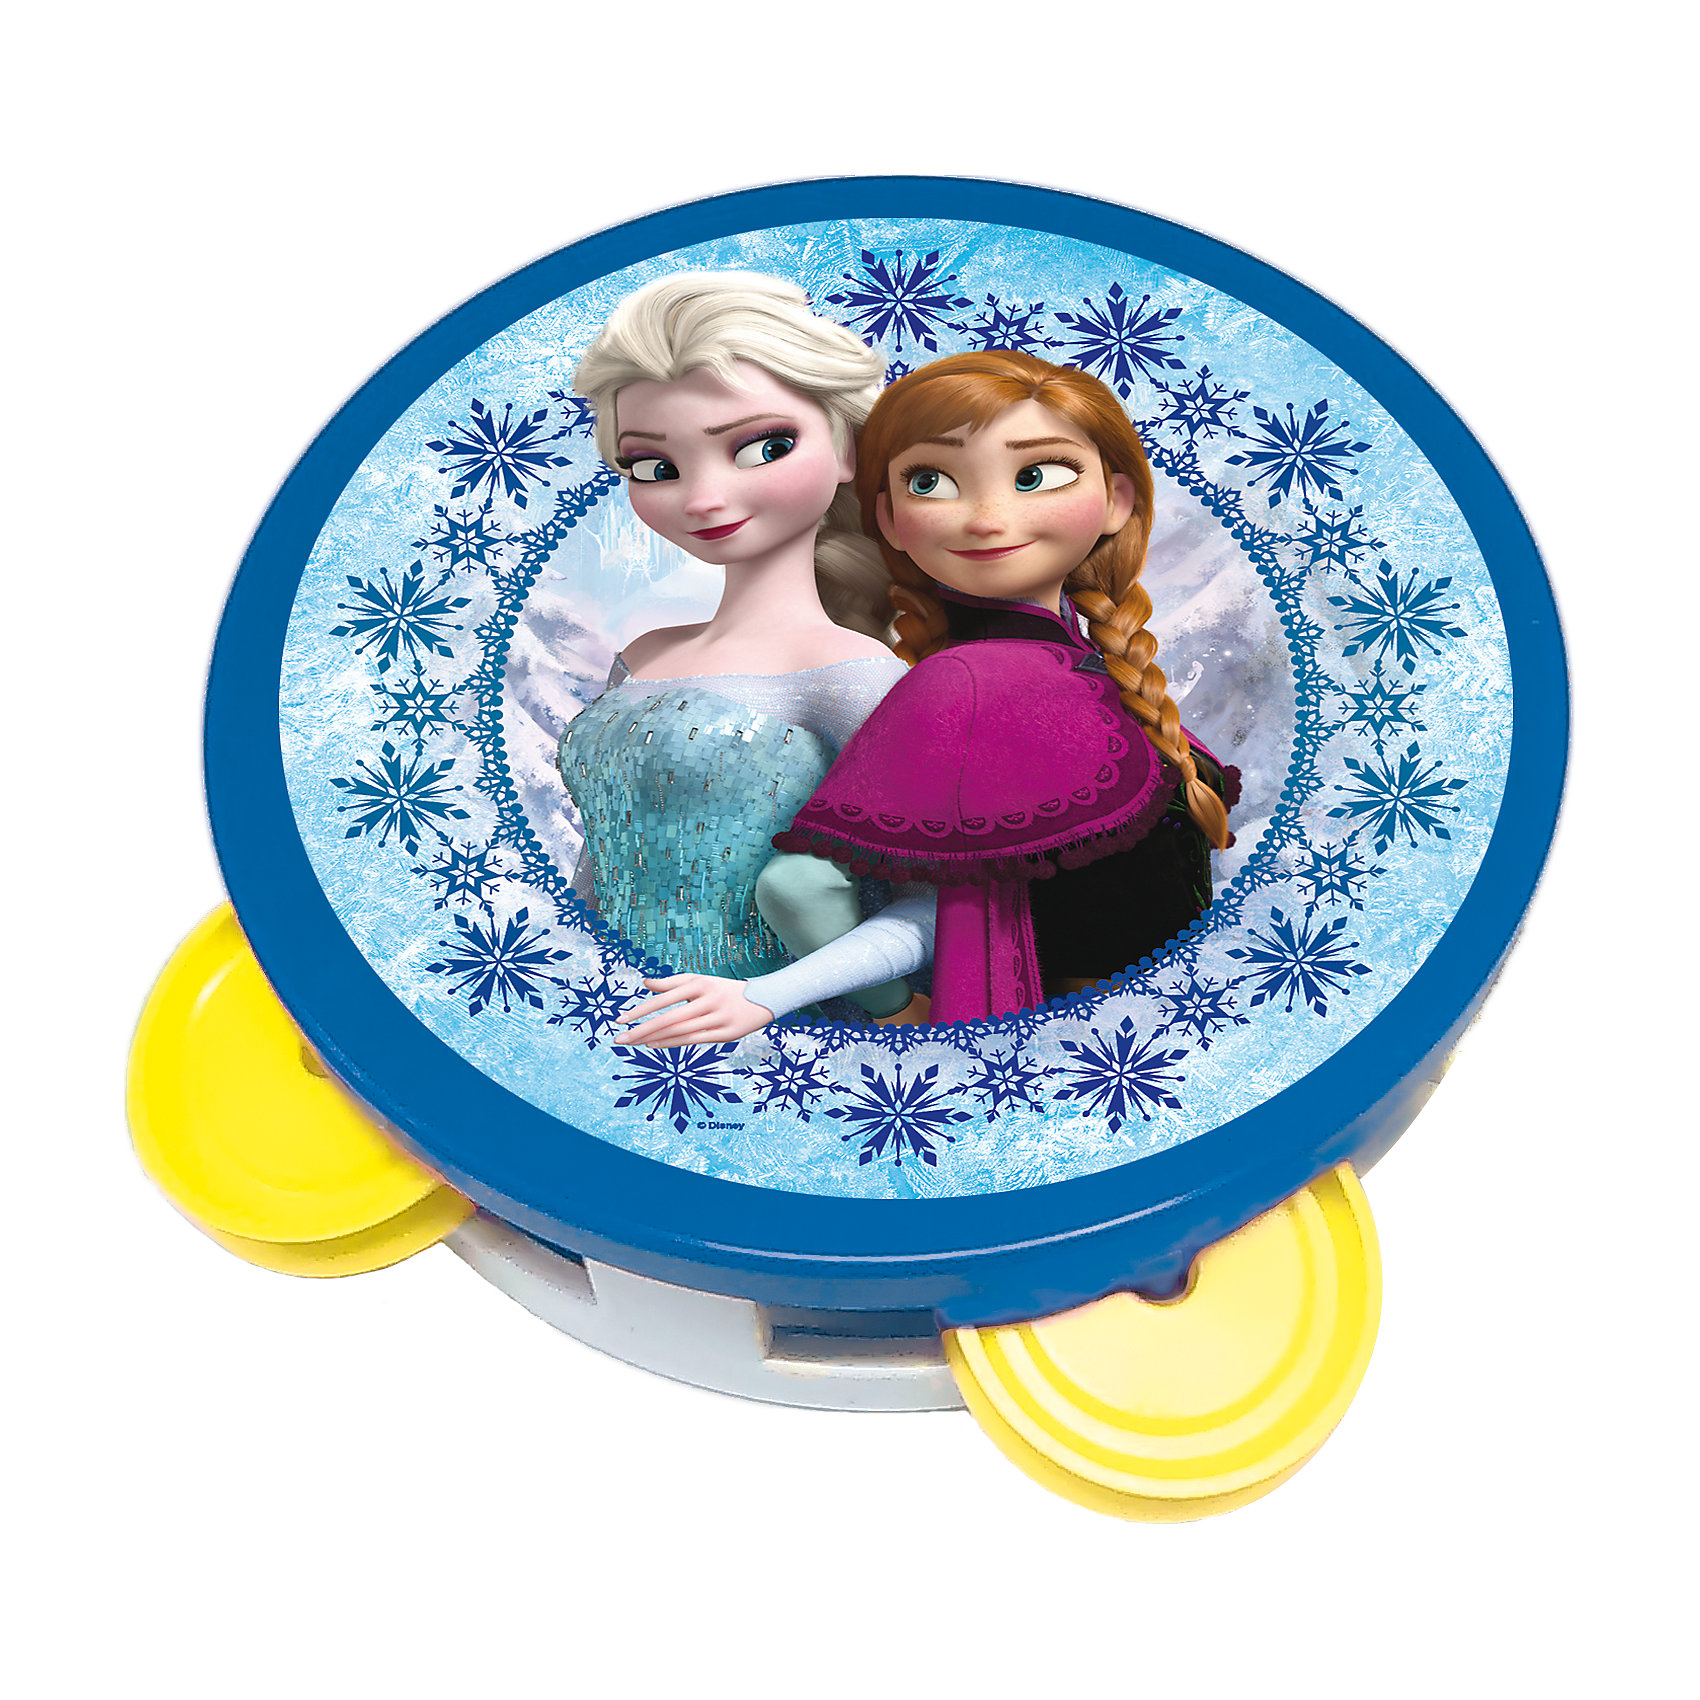 Бубен большой Холодное Сердце-6, Рыжий котПопулярные игрушки<br>Бубен большой Холодное Сердце-6, Рыжий кот.<br><br>Характеристики:<br><br>• Для детей в возрасте от 3-х лет<br>• Диаметр: 14 см.<br>• Материал: пластик<br>• Упаковка: пакет с европодвесом<br>• Произведено в России<br><br>Бубен вызовет восторг у вашего маленького музыканта. На бубен нанесен яркий рисунок с изображением героинь мультсериала Disney «Холодное сердце» - сестер Анны и Эльзы, который непременно понравится девочке. Размер бубна позволяет малышке крепко держать его маленькими ручками. Игра на музыкальном инструменте поможет малышке развить слух, чувство ритма, музыкальные способности, и подарит ребенку и всей семье массу удовольствия.<br><br>Бубен большой Холодное Сердце-6, Рыжий кот можно купить в нашем интернет-магазине.<br><br>Ширина мм: 140<br>Глубина мм: 140<br>Высота мм: 30<br>Вес г: 75<br>Возраст от месяцев: 36<br>Возраст до месяцев: 2147483647<br>Пол: Женский<br>Возраст: Детский<br>SKU: 5453899